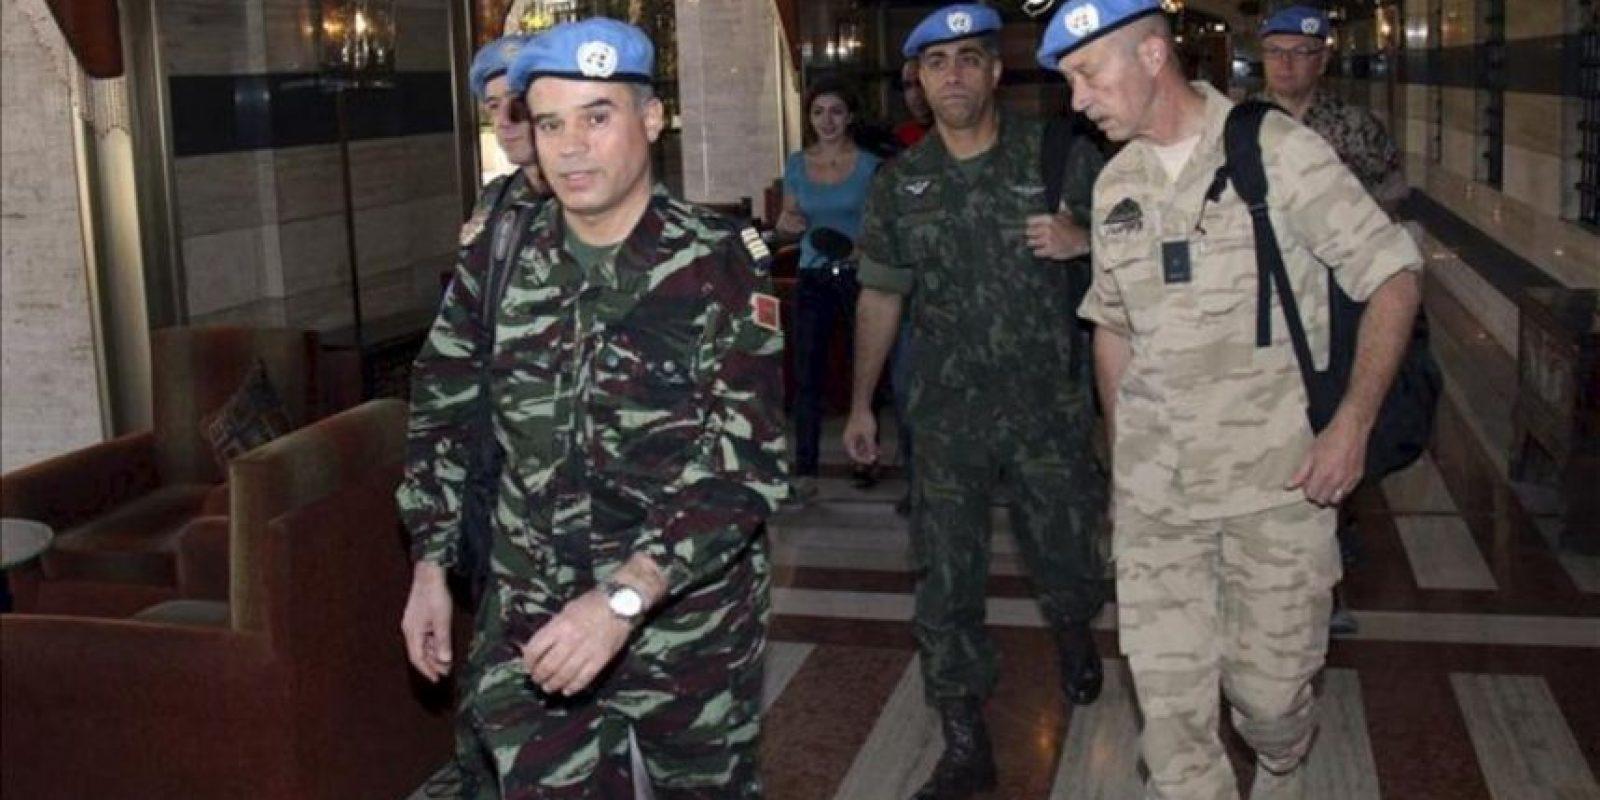 Los observadores de Naciones Unidas para verificar el alto el fuego en Siria salen del Hotel Sheraton en Damasco, Siria, el lunes 16 de abril de 2012. La misión inicia lunes sus trabajos después de la llegada la noche anterior del primer grupo de seis expertos. EFE